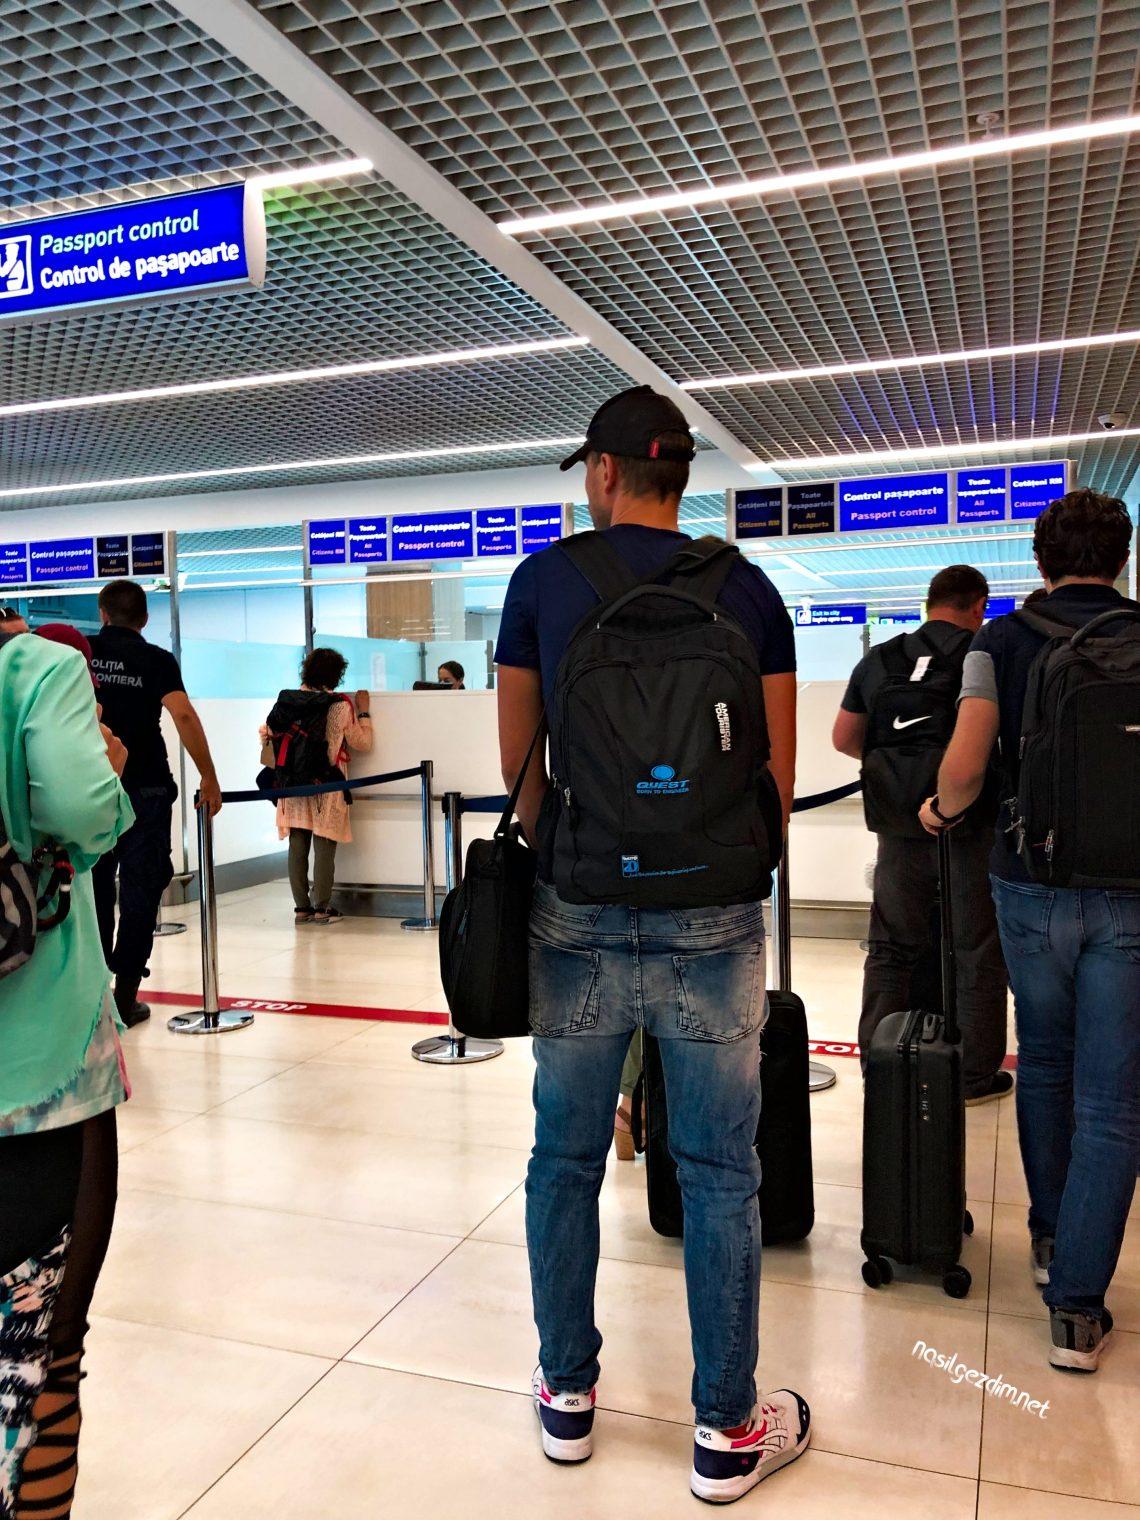 moldova pasaport kontrolu, kişinev havaalani, moldova vizesi, vizesi gidilen ulkeler